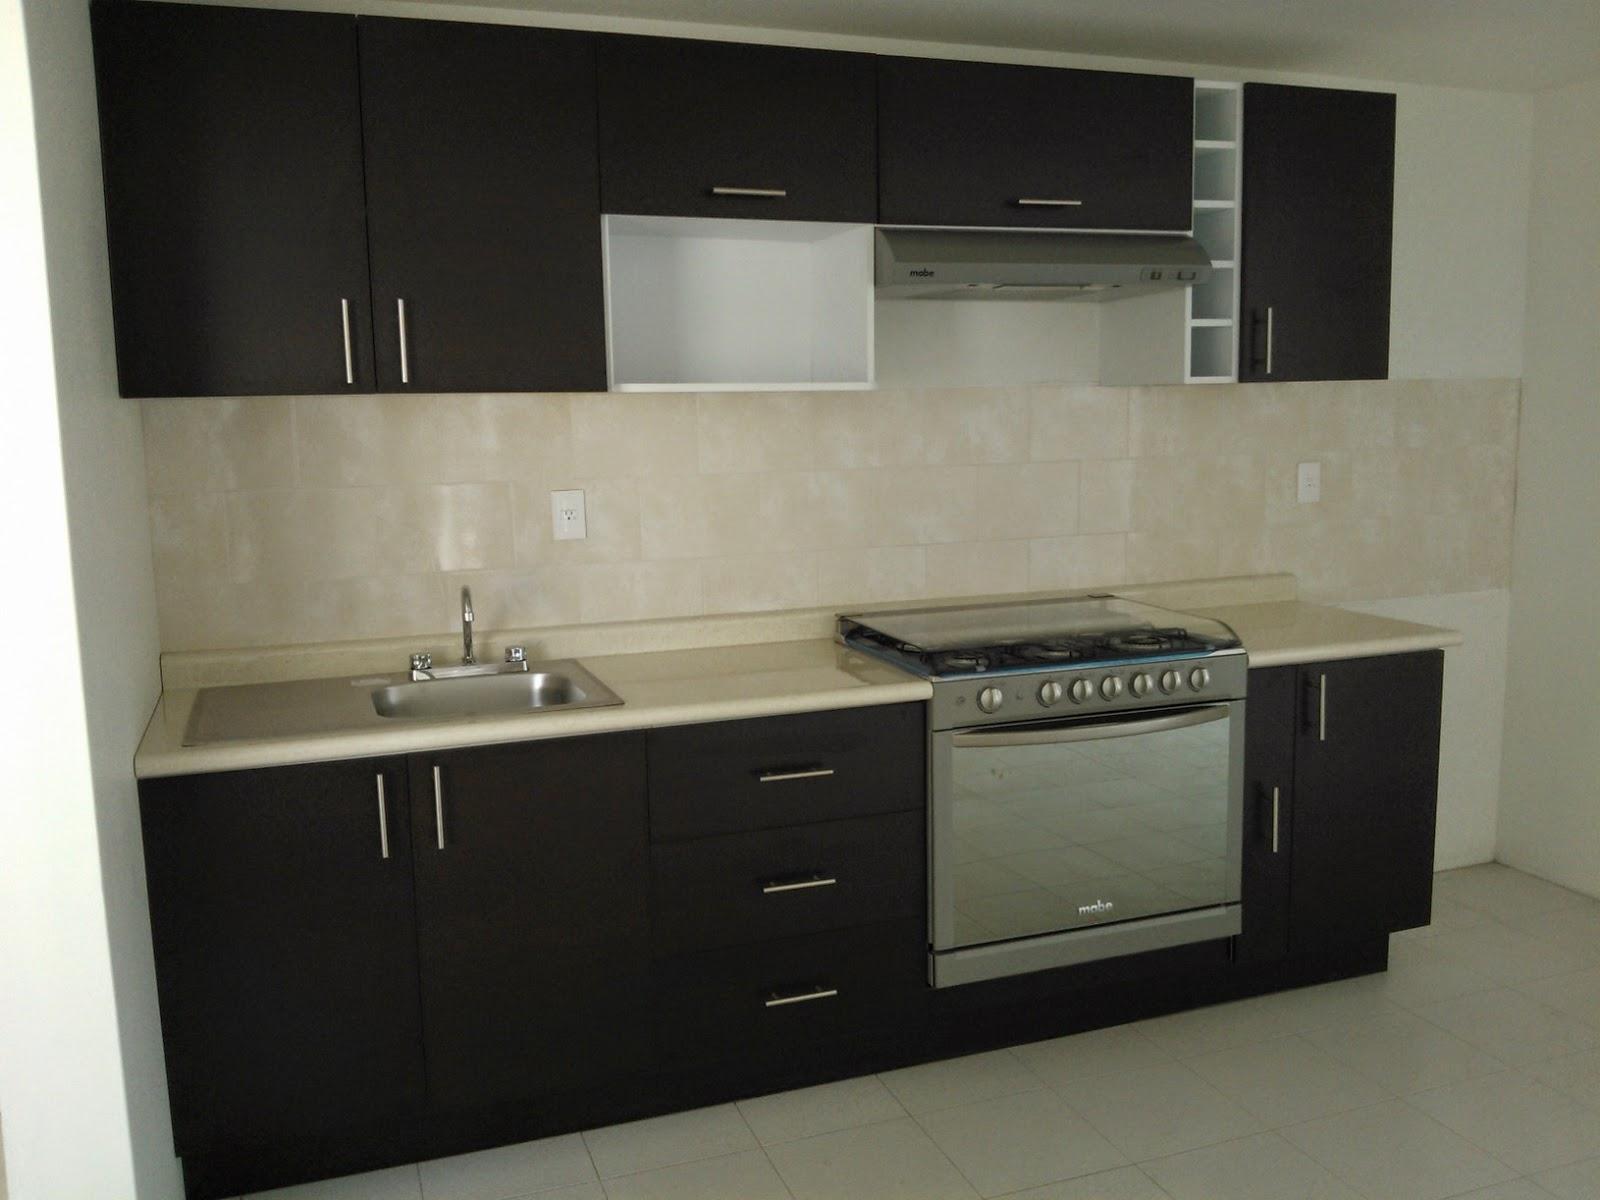 cocinas integrales vestidores closets etc cocinas varias On cocinas integrales en escuadra precios